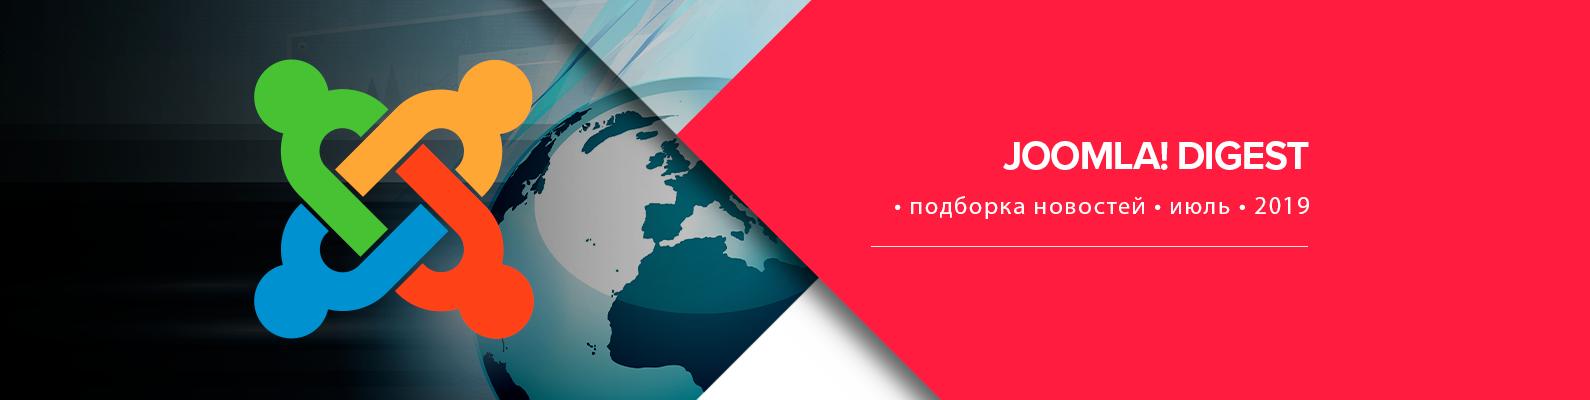 Дайджест Joomla за июнь-июль 2019